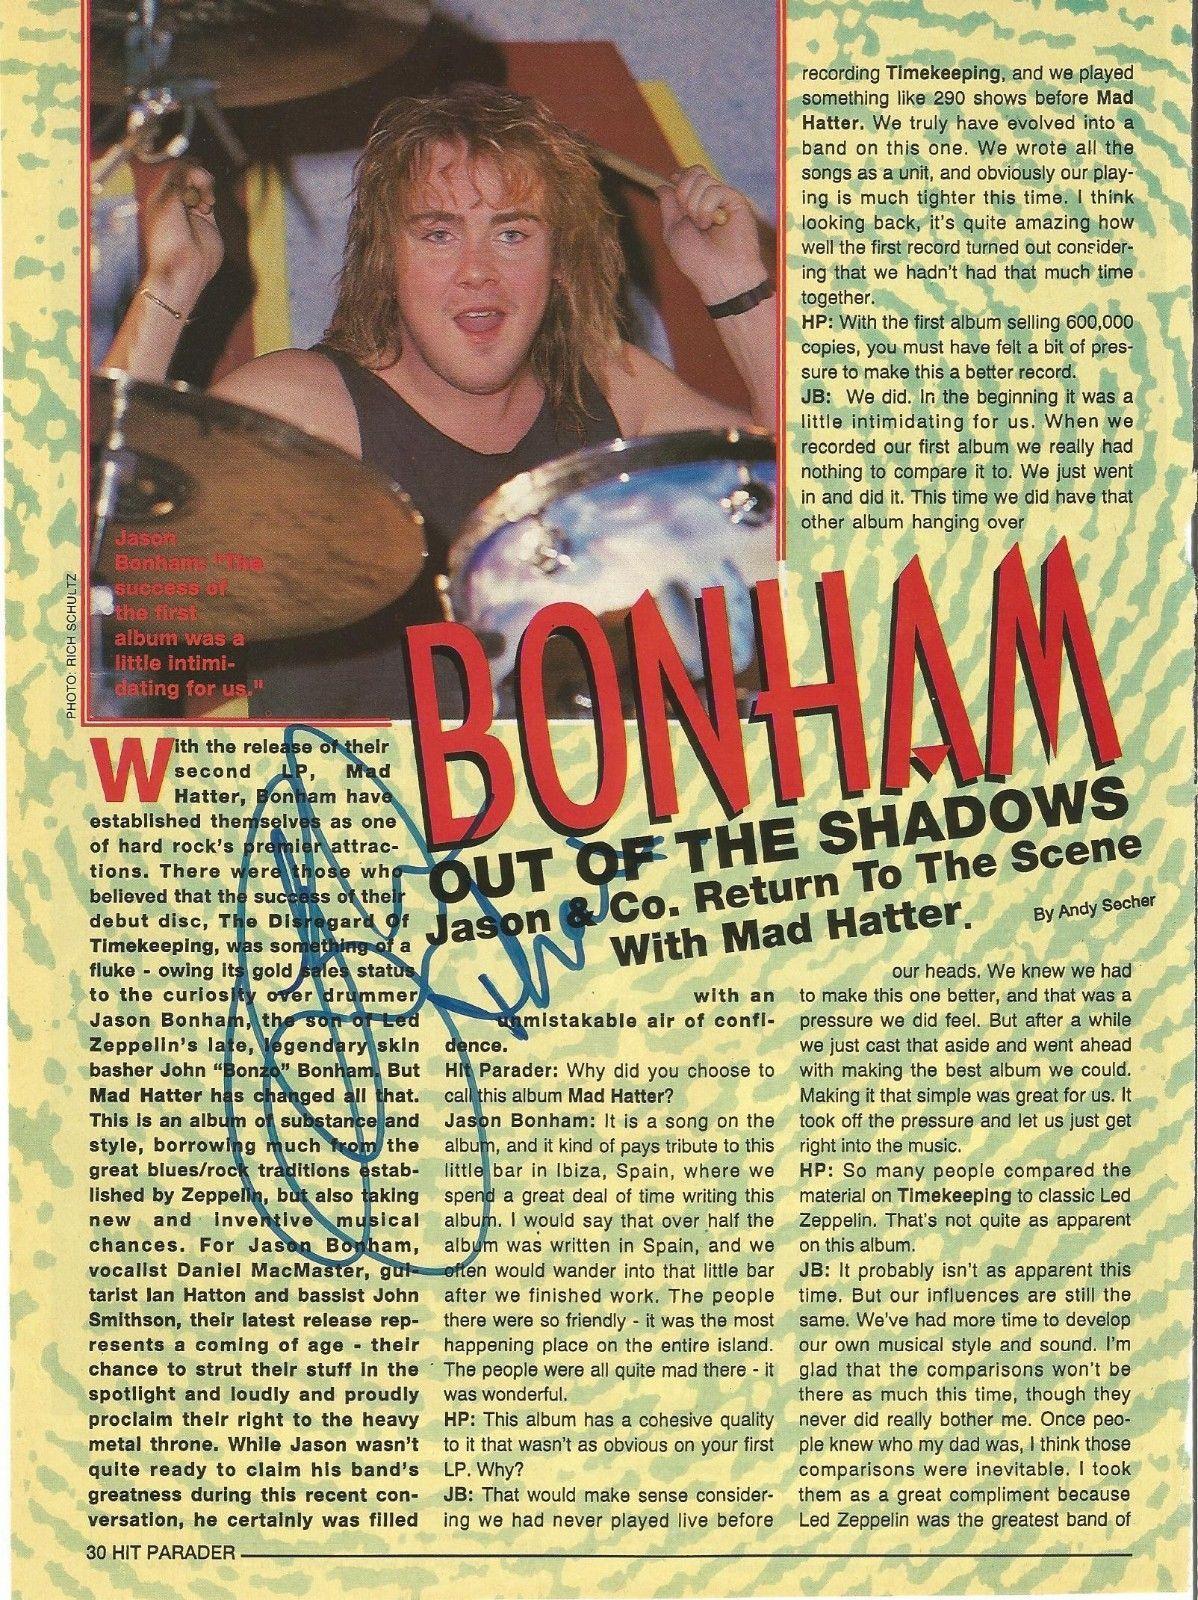 Jason Bonham Led Zeppelin Music Legend Signed Autograph 8x10 Magazine Page Coa H